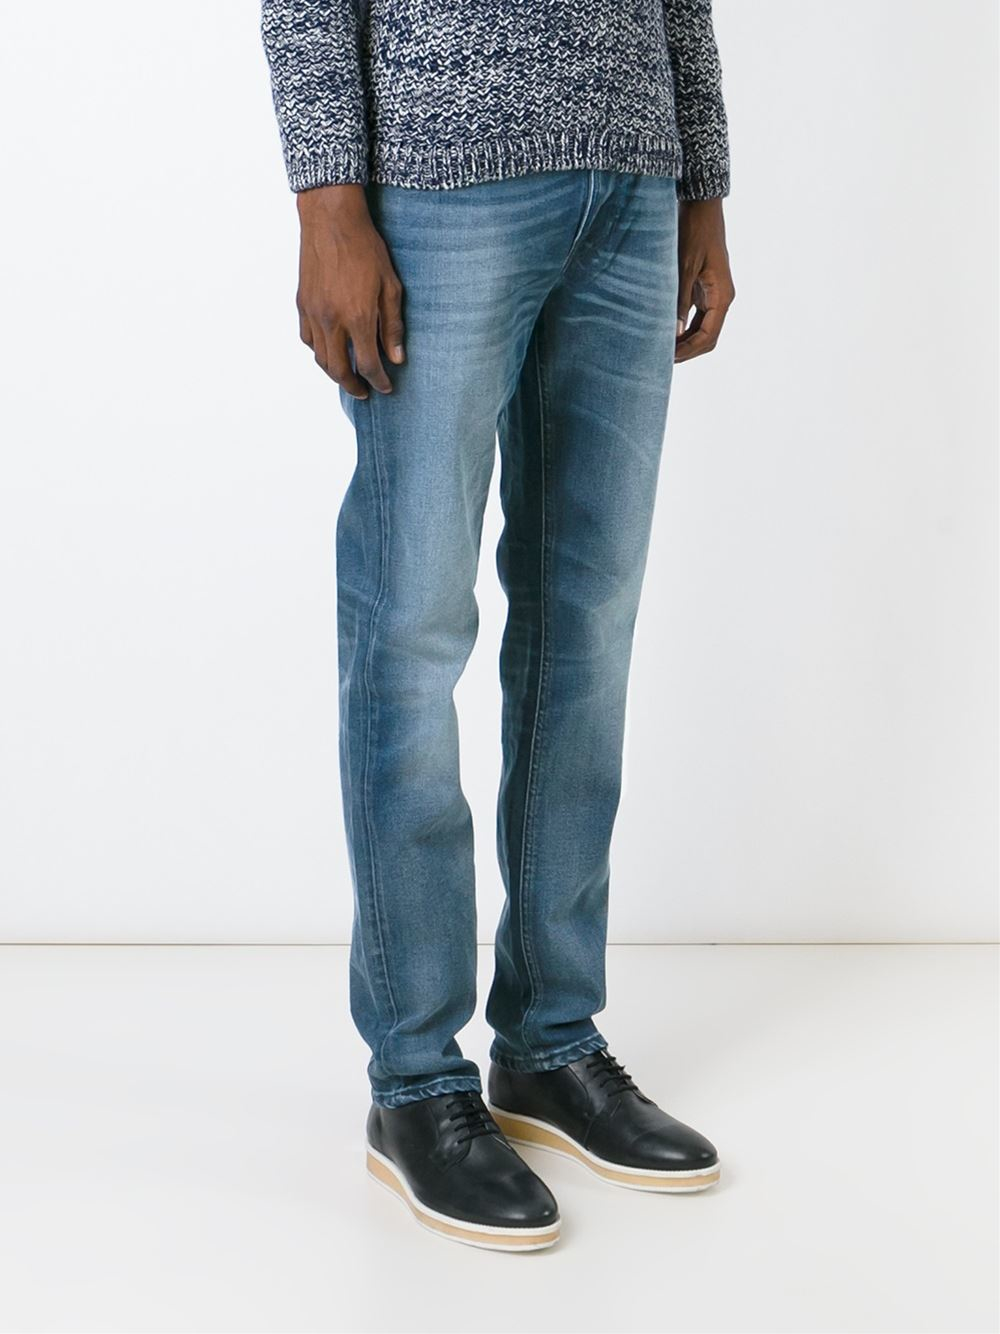 lyst nudie jeans slim fit jeans in blue for men. Black Bedroom Furniture Sets. Home Design Ideas